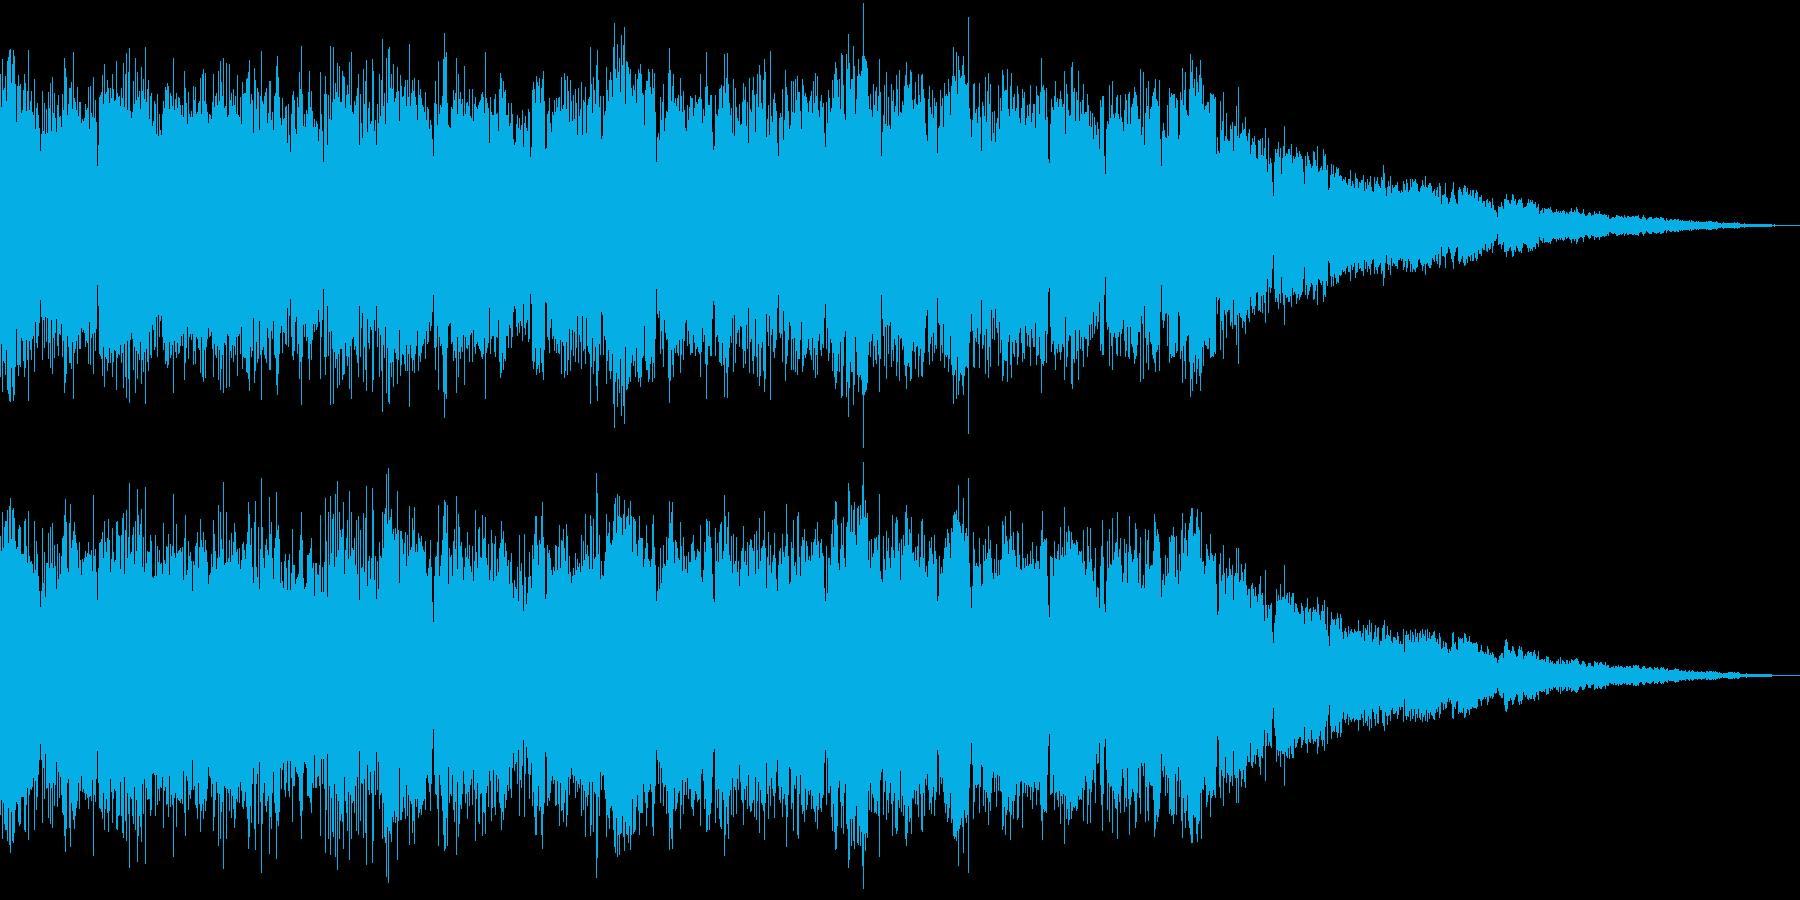 ロボット起動(コンピュータが動き出す)の再生済みの波形